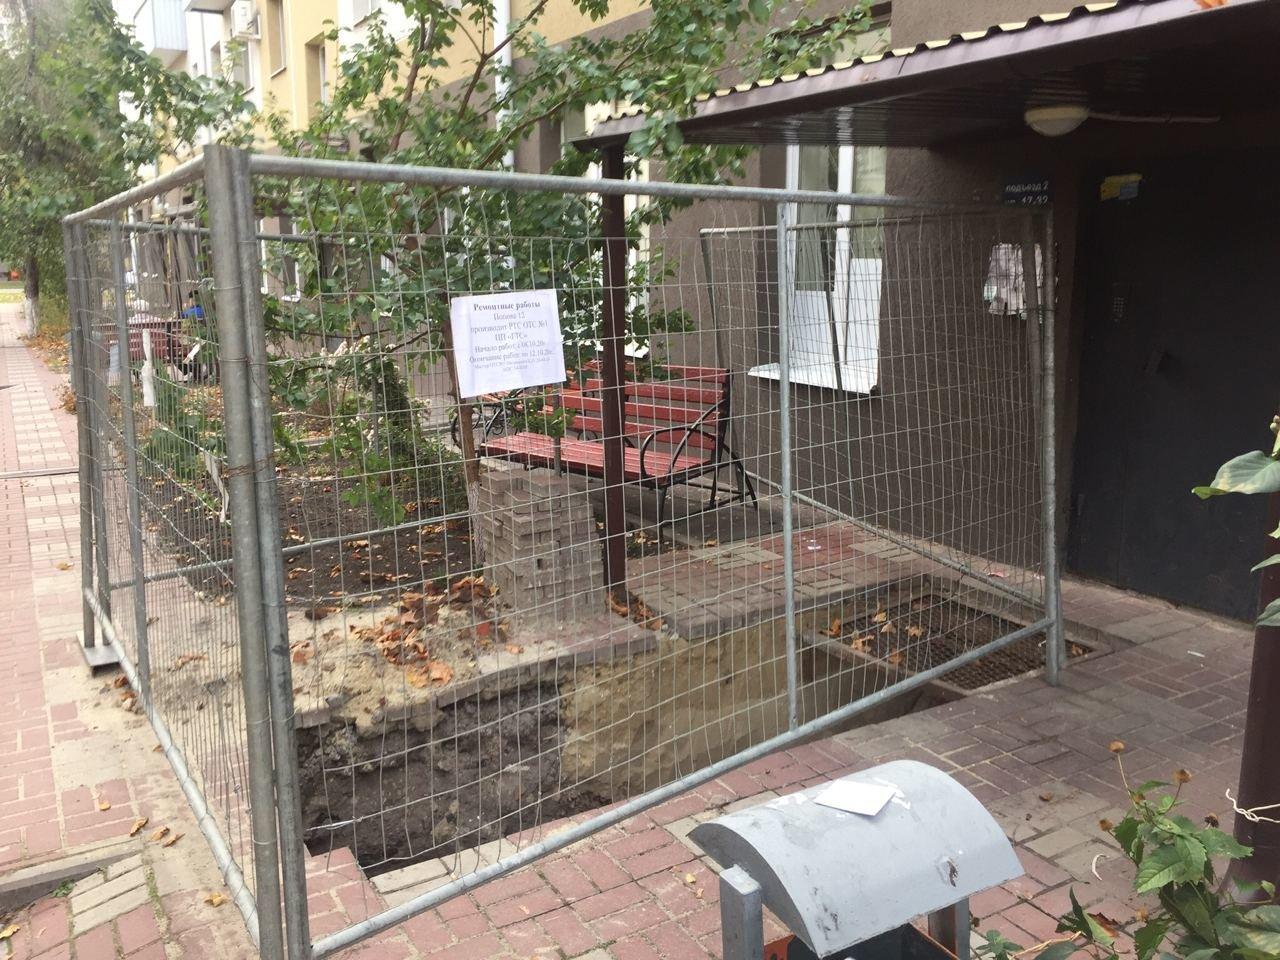 Коммунальная «могила». В центре Белгорода рабочие оставили яму перед подъездом пятиэтажки, фото-1, паблик во ВКонтакте «Белгород – это интересно»